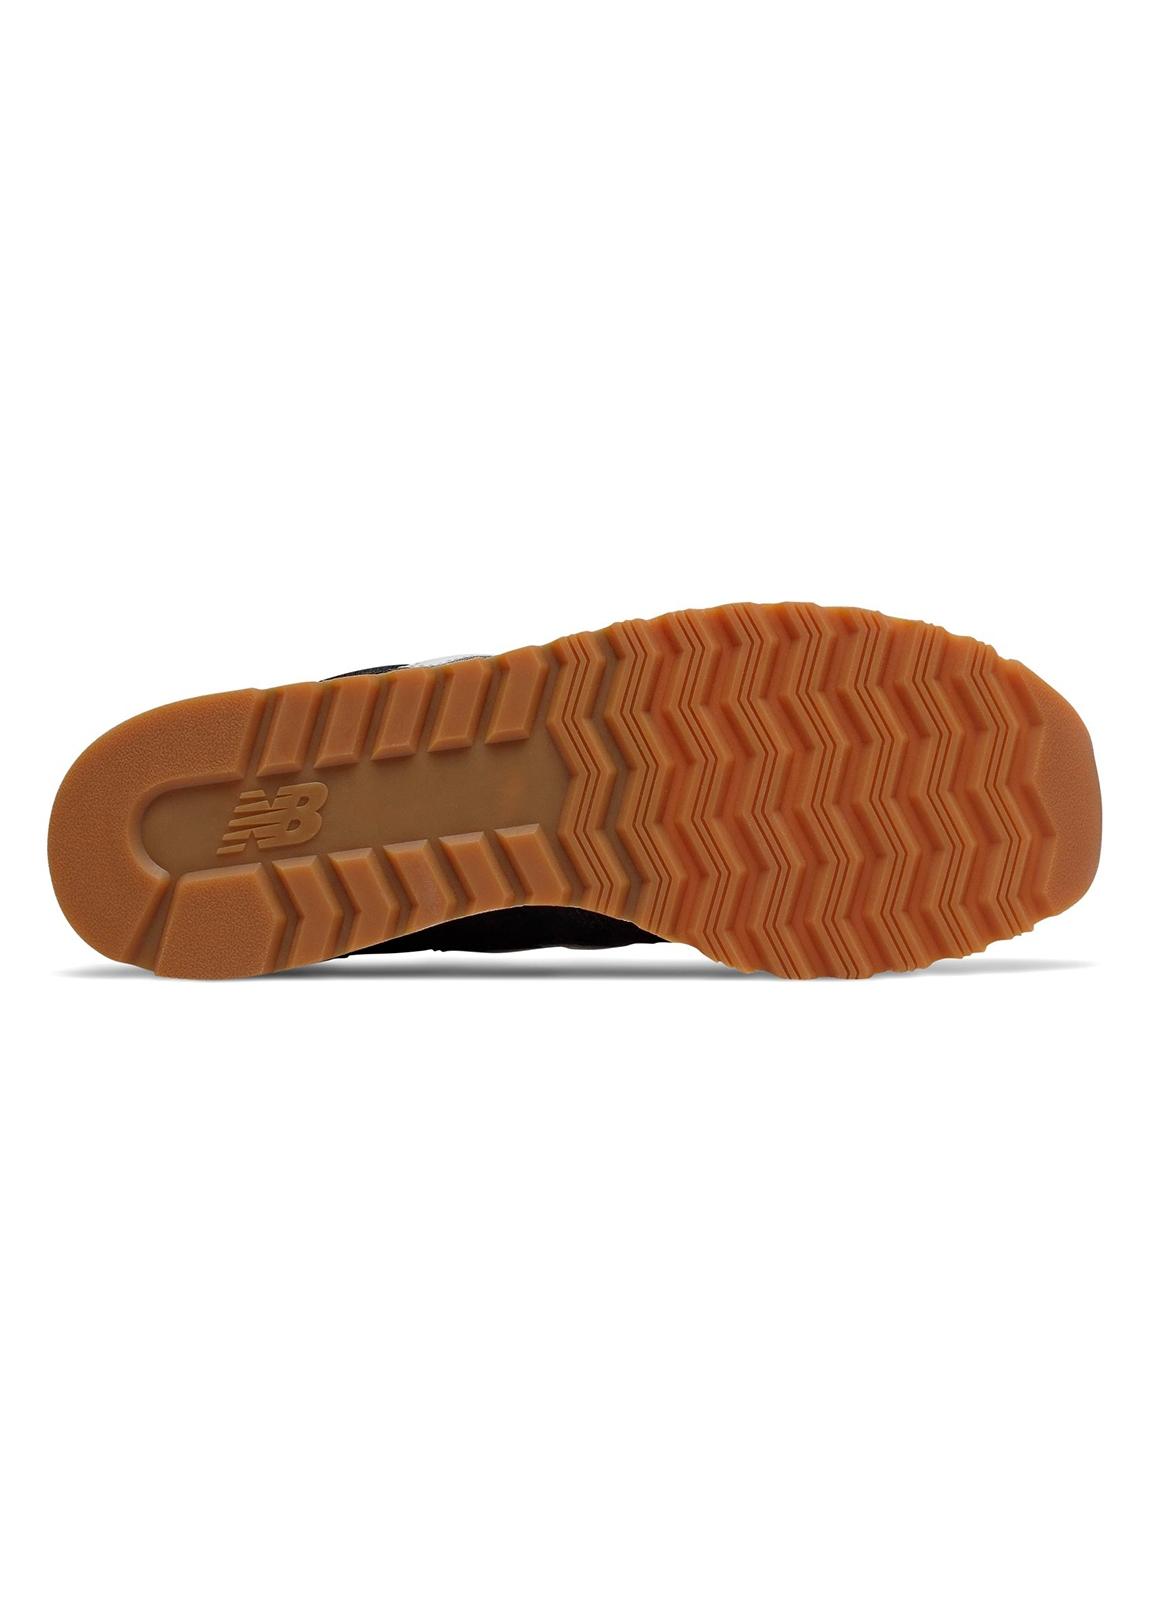 Sneaker hombre U520 color negro con detalles en blanco serraje, piel y malla. - Ítem1